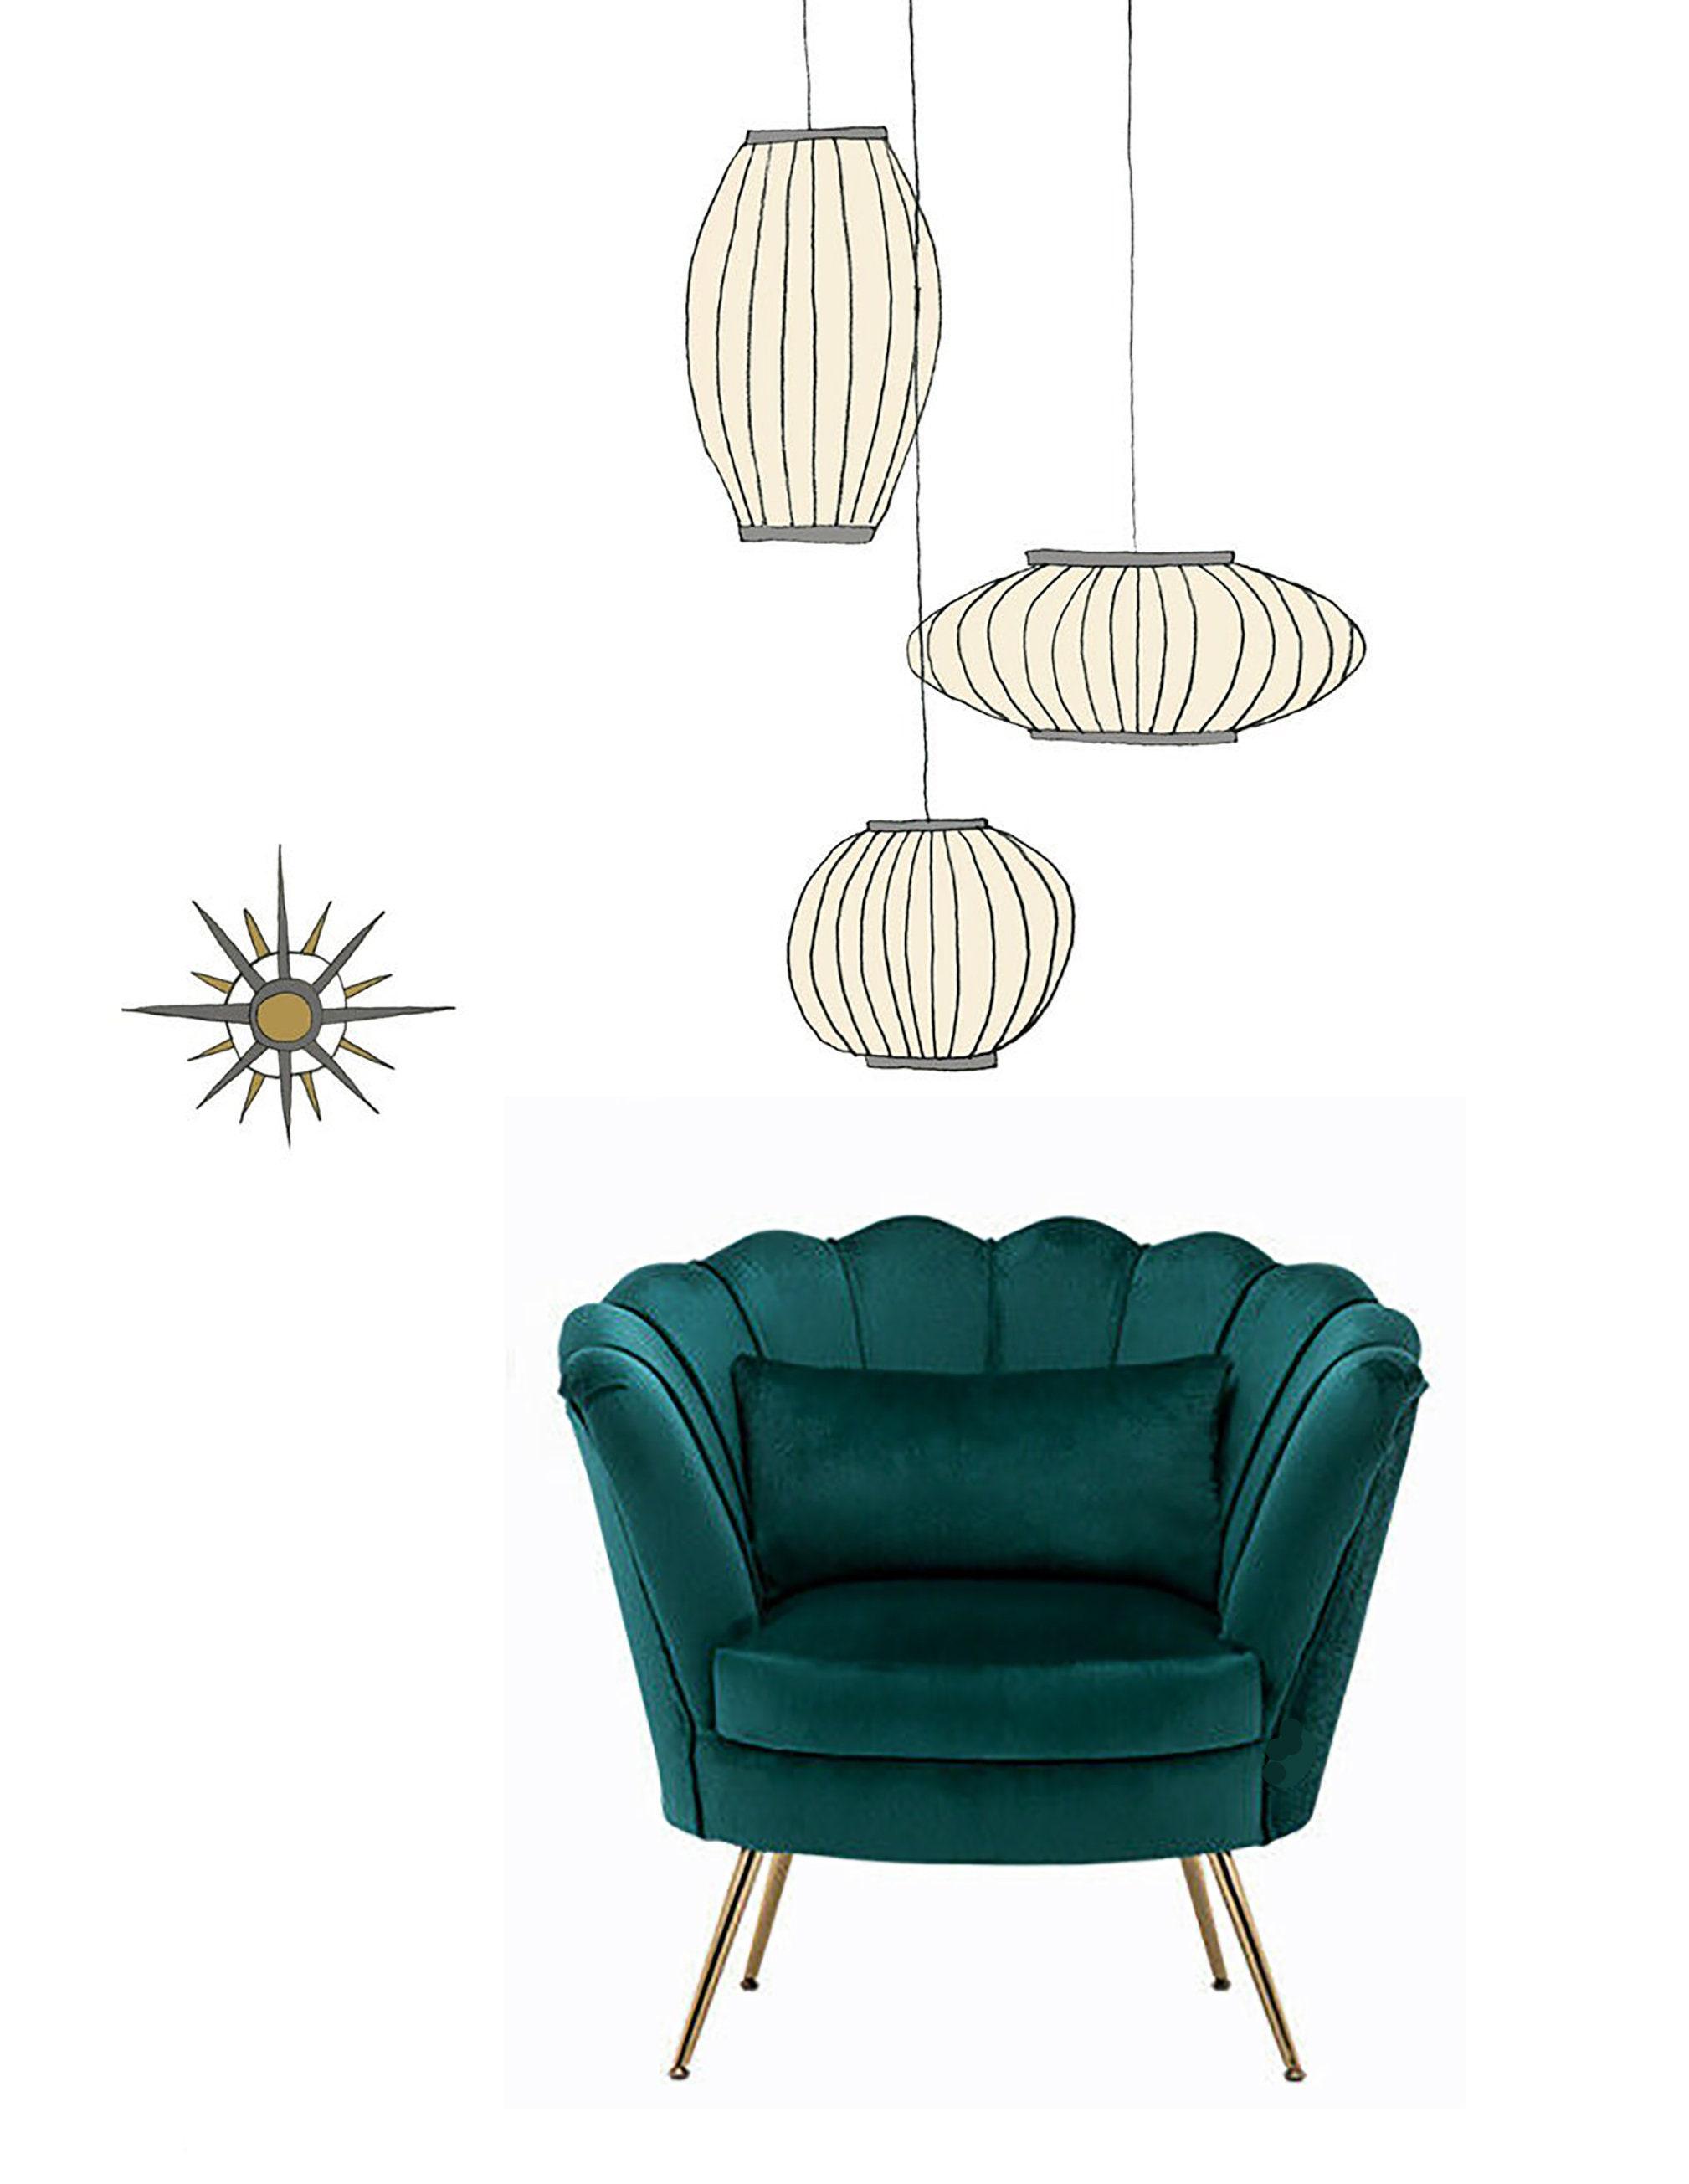 Mid century Modern. Art Deco. Scalloped shell Velvet Chesterfield chair in  Green Teal Brass Legs.